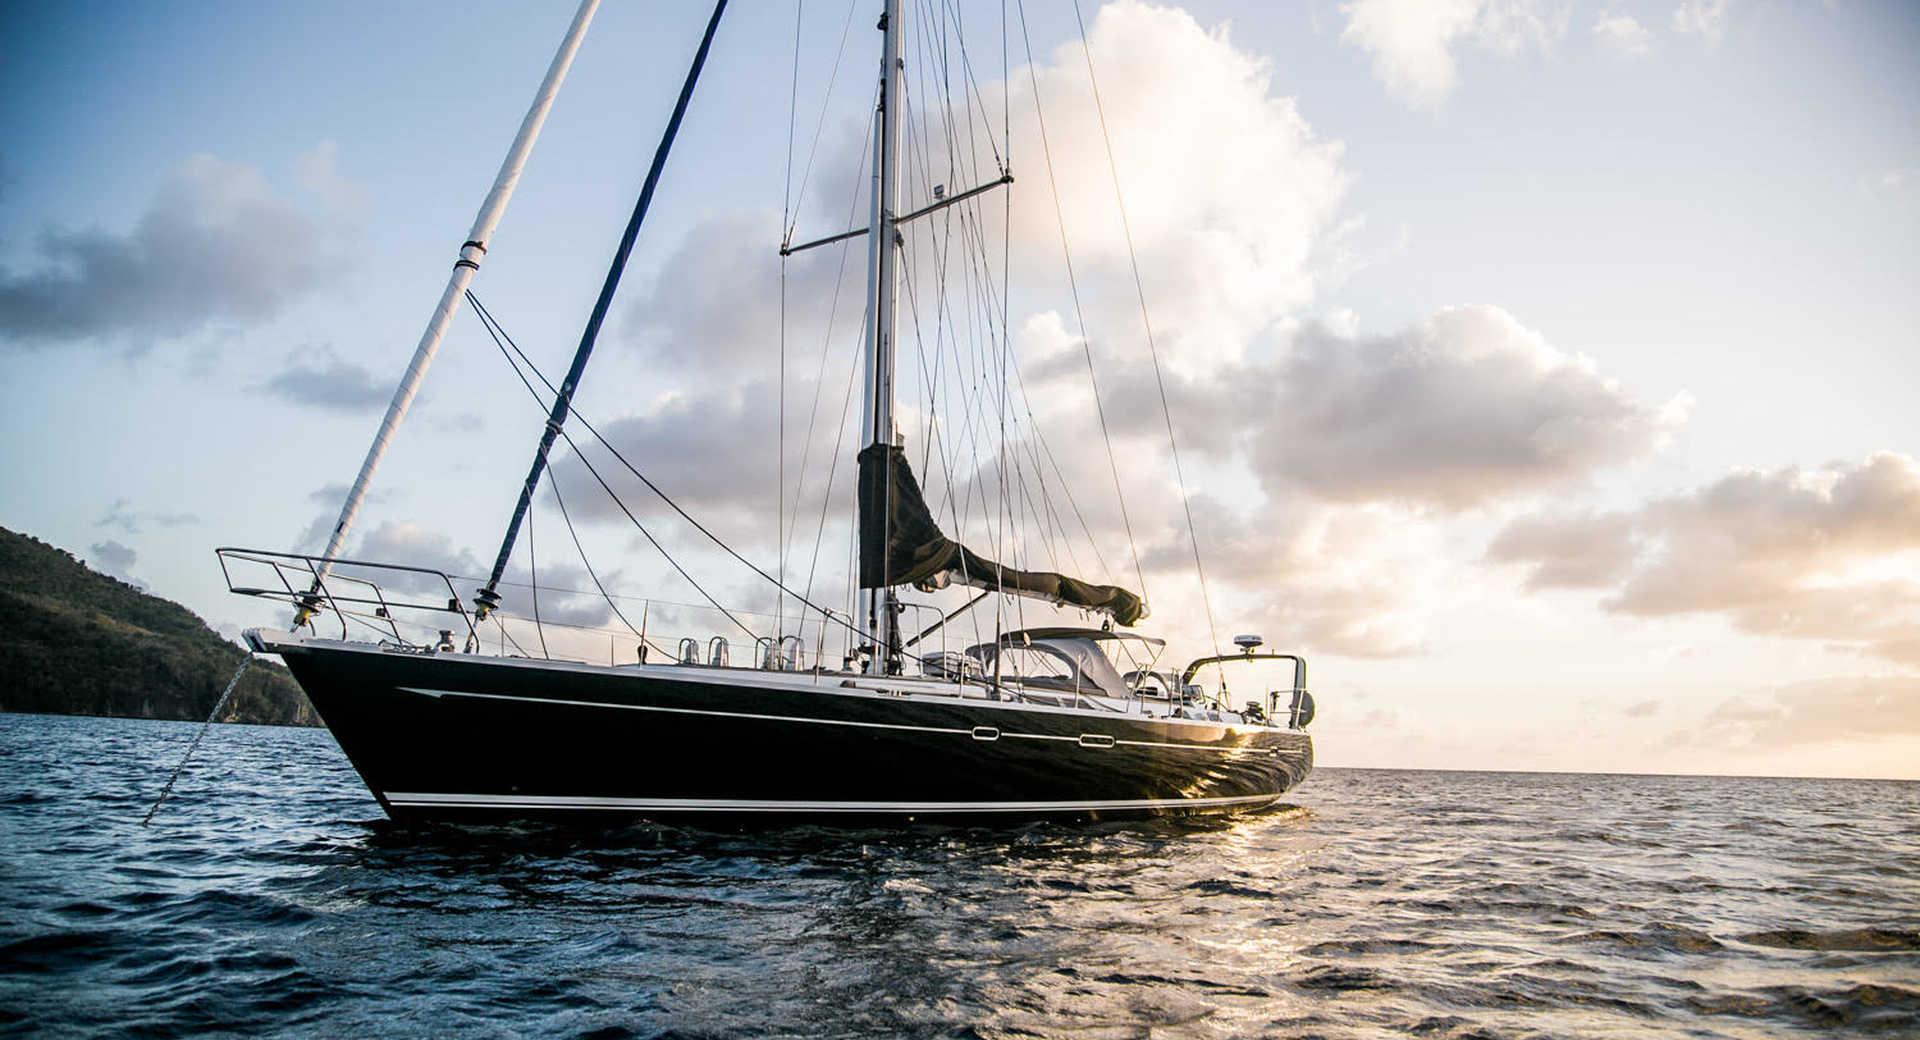 Croisière à bord du voilier Lifesong